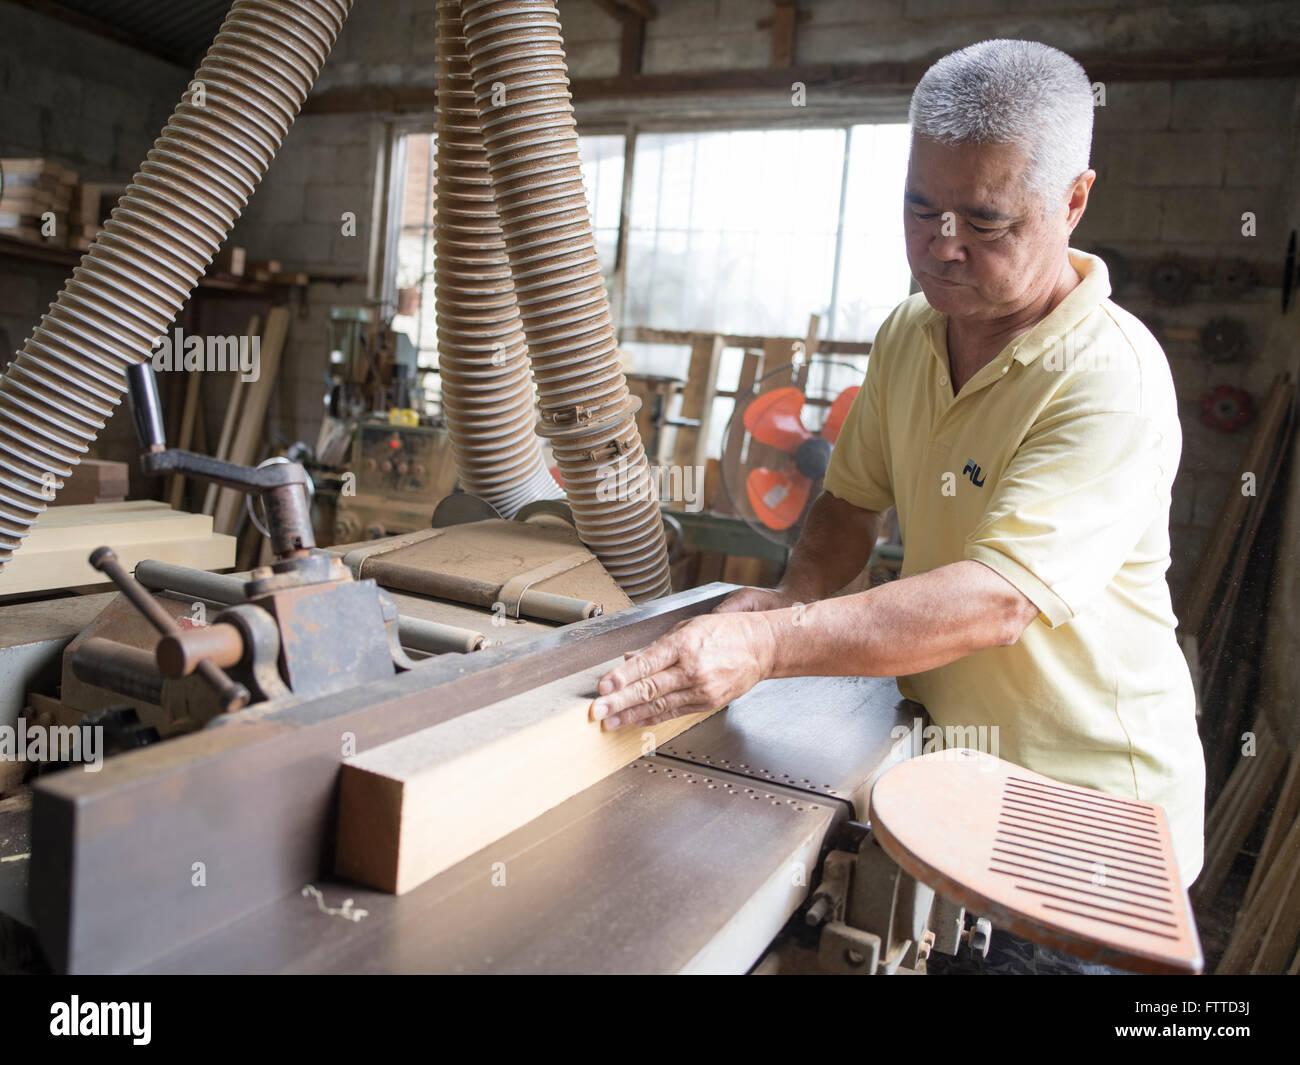 Oshiro Yoshimasa (57) carpintero haciendo telar , Haebaru, Okinawa 大城織機製作所 Imagen De Stock